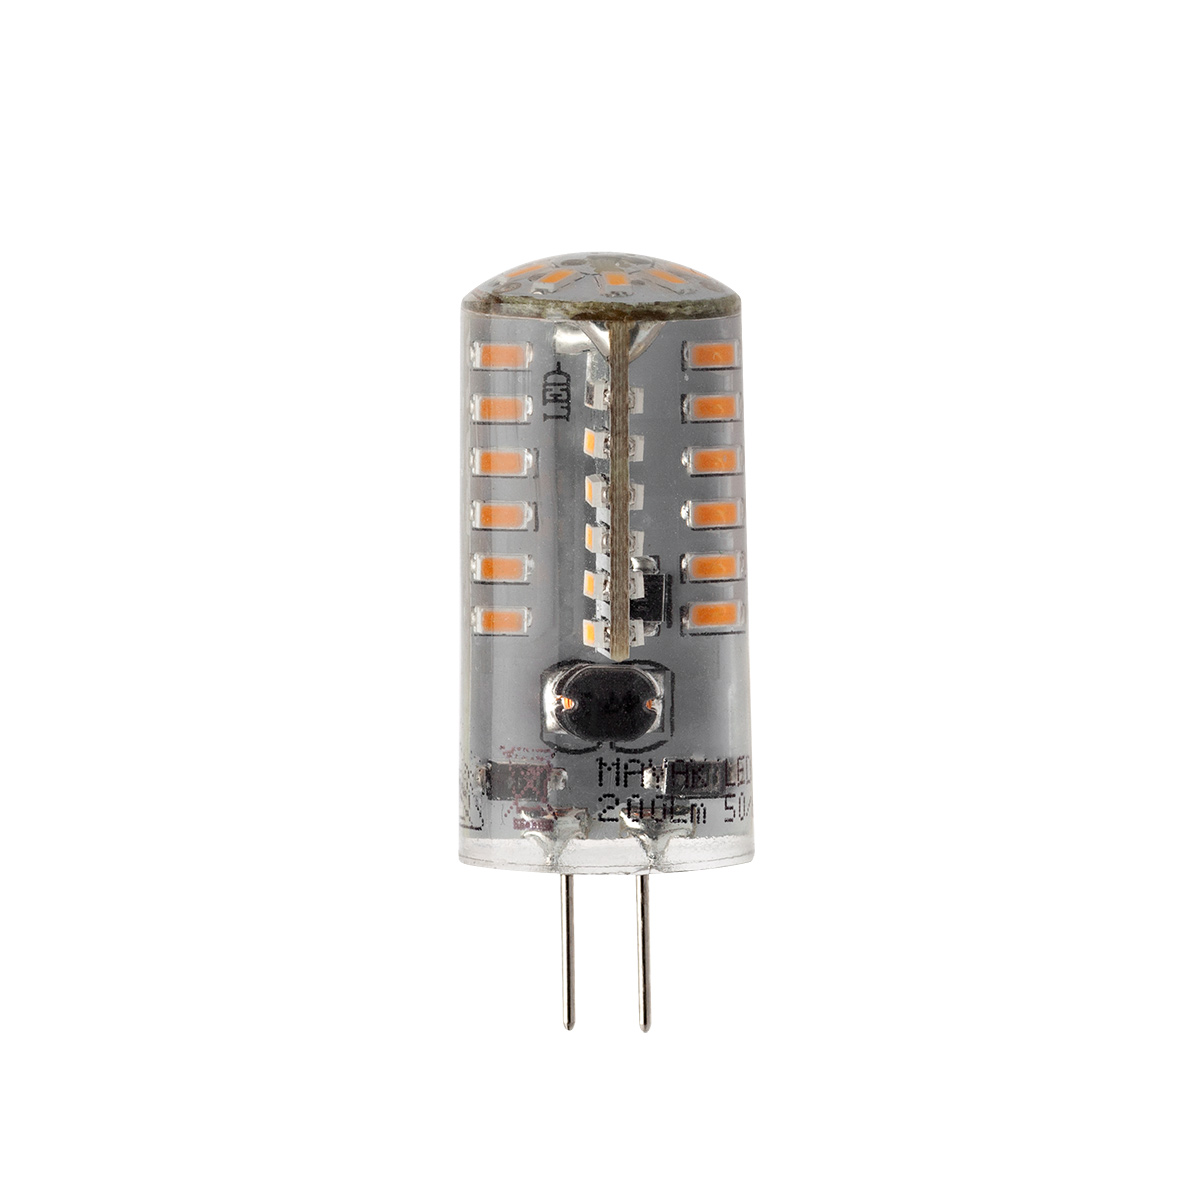 все цены на Лампа светодиодная МАЯК G4/3w/3000k онлайн